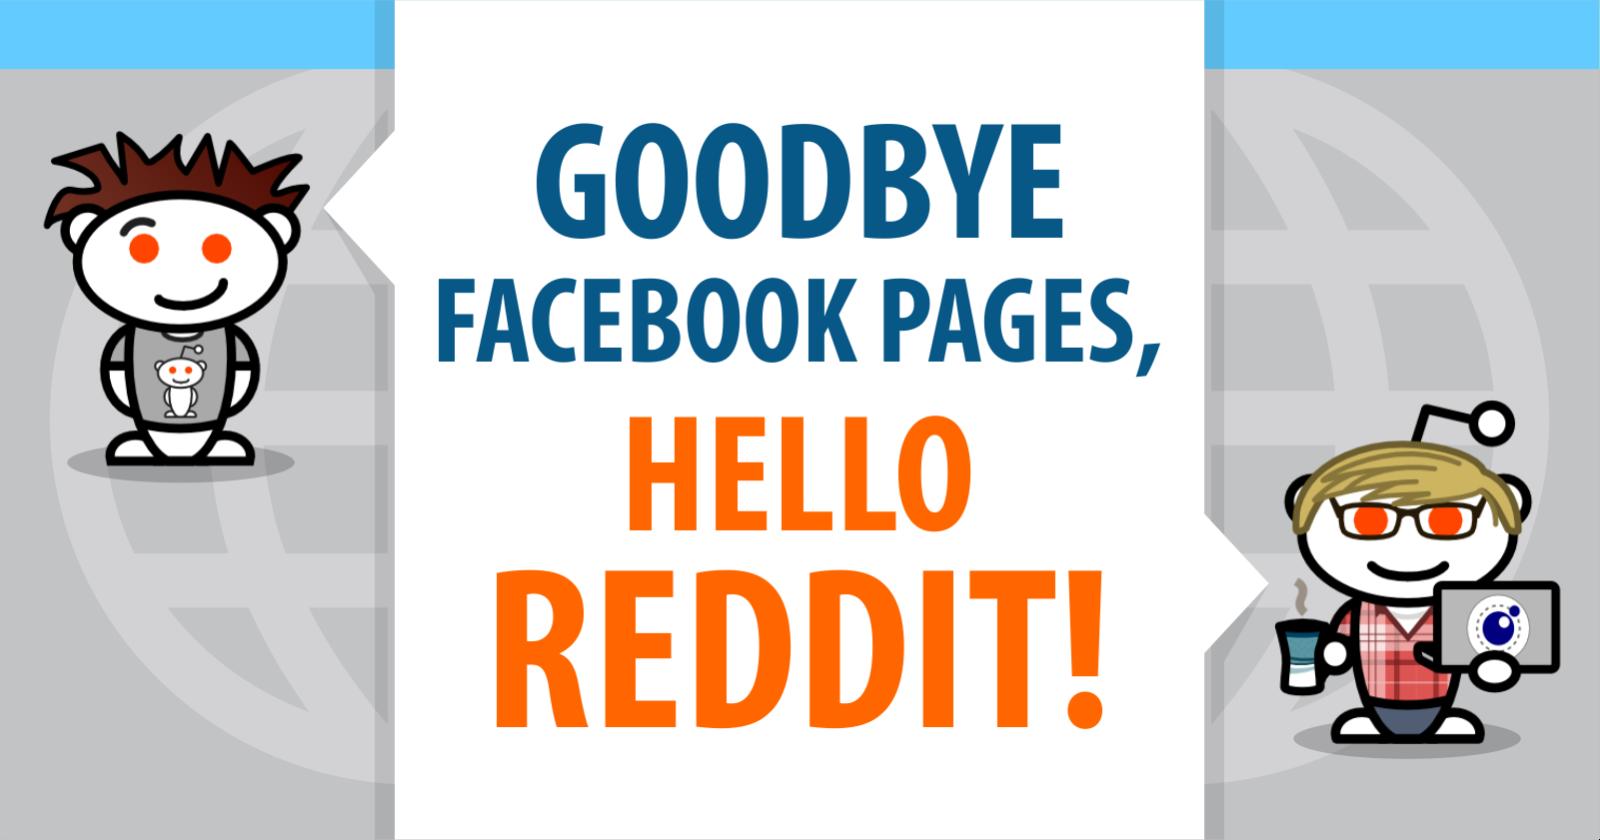 Is it hi, Reddit and bye, Facebook? ��https://t.co/Xmtd5ZAHeL https://t.co/97NWDPzDFn